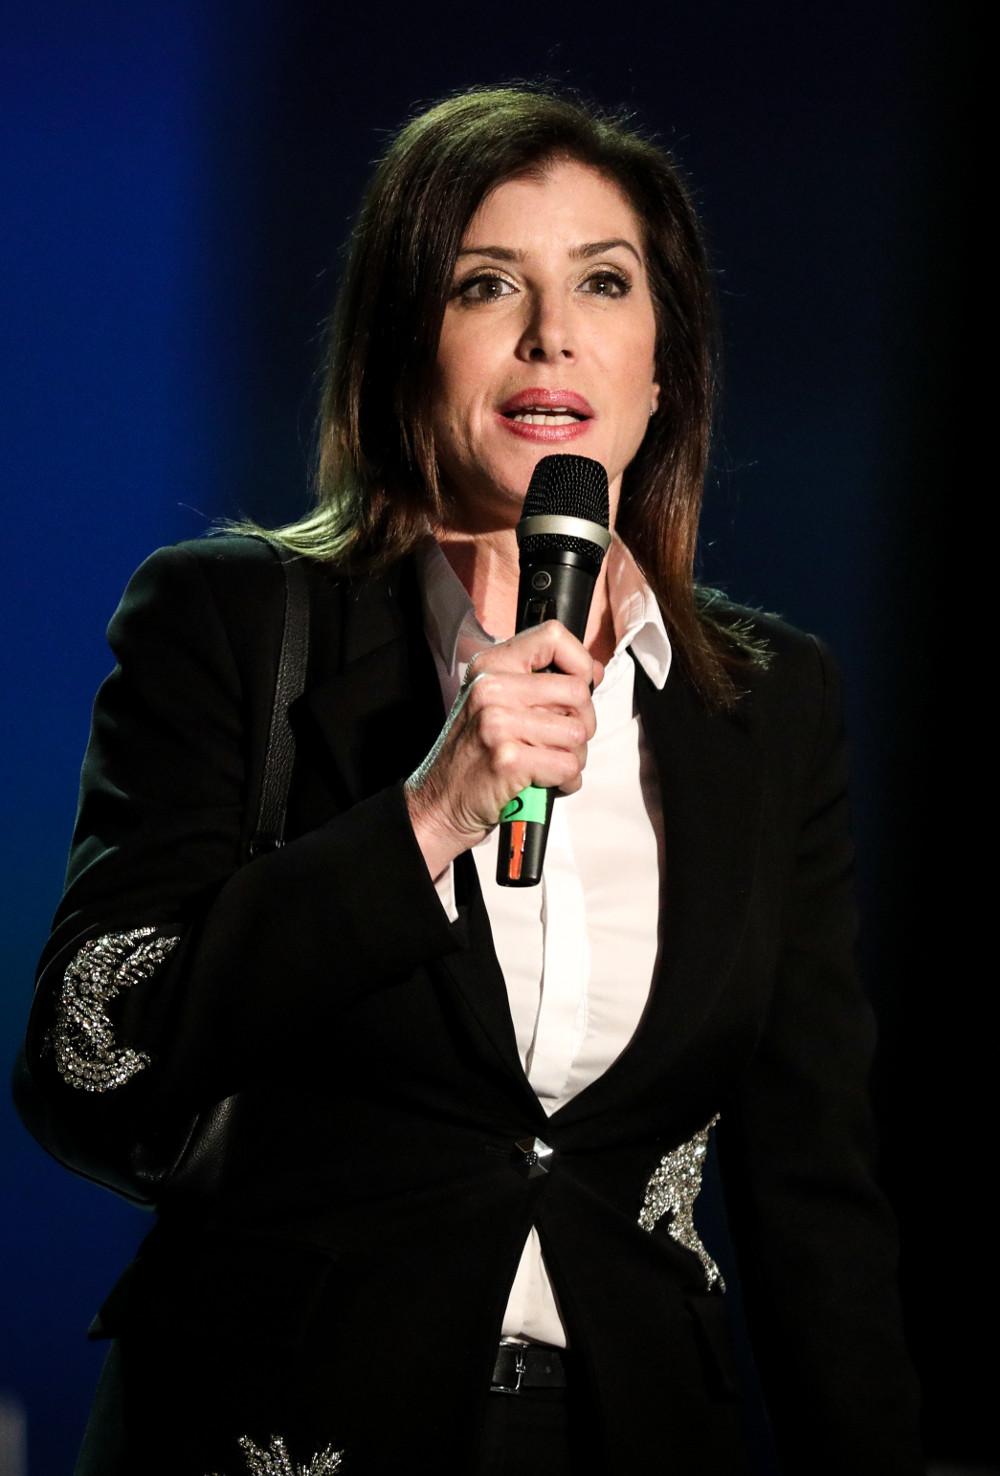 Η Αννα Μισέλ Ασημακοπούλου μεταξύ των υποψηφίων της ΝΔ με τους περισσότερους σταυρούς προτίμησης